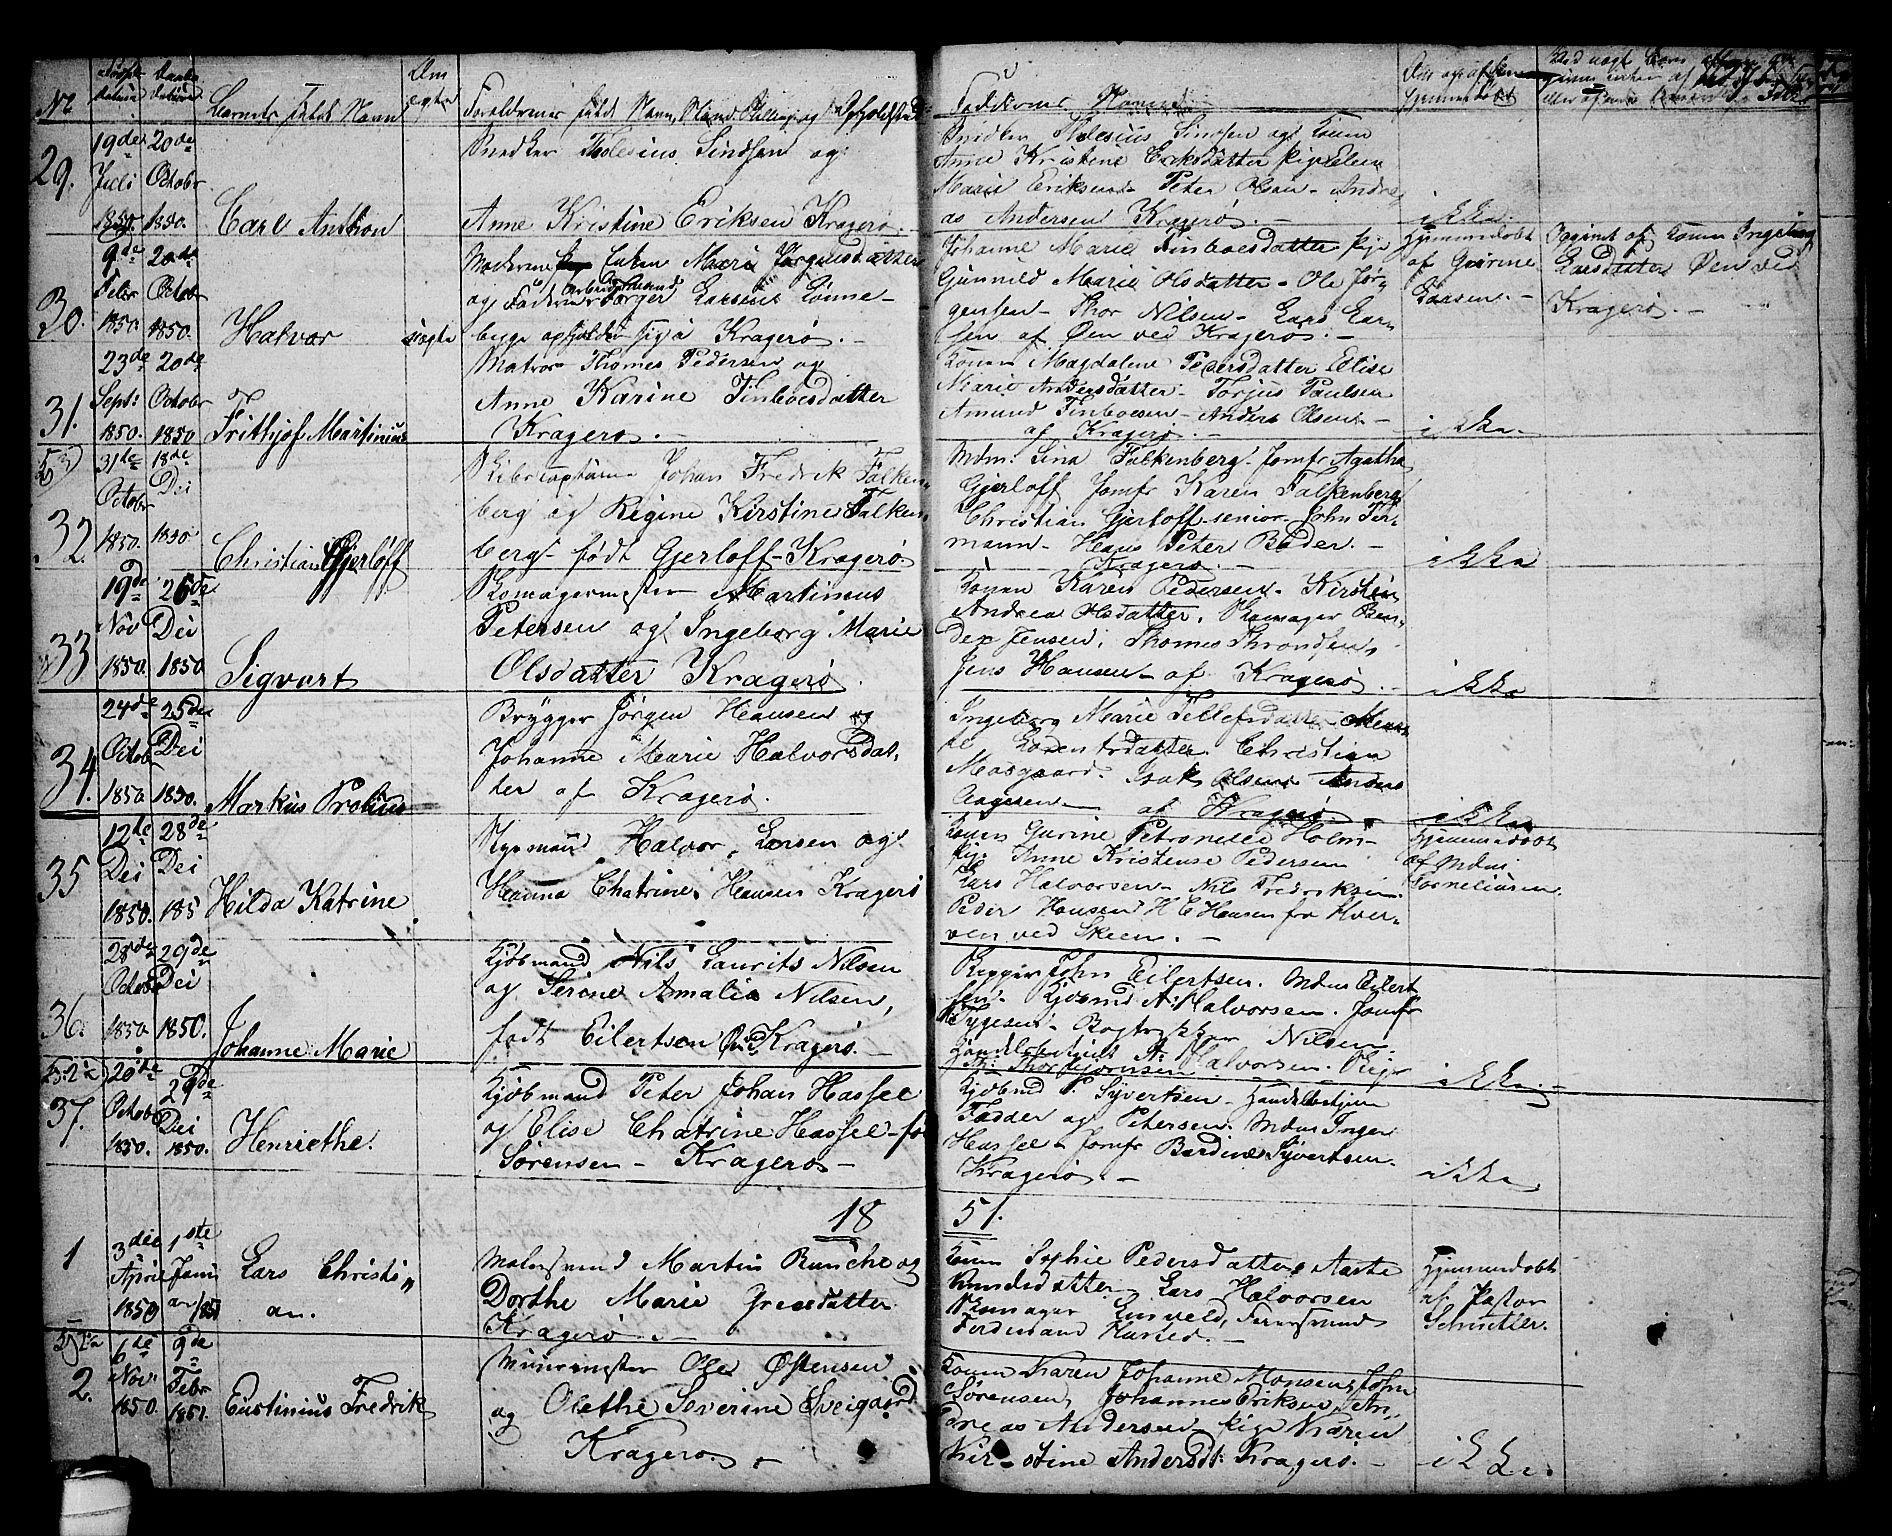 SAKO, Kragerø kirkebøker, G/Ga/L0003: Klokkerbok nr. 3, 1832-1852, s. 271